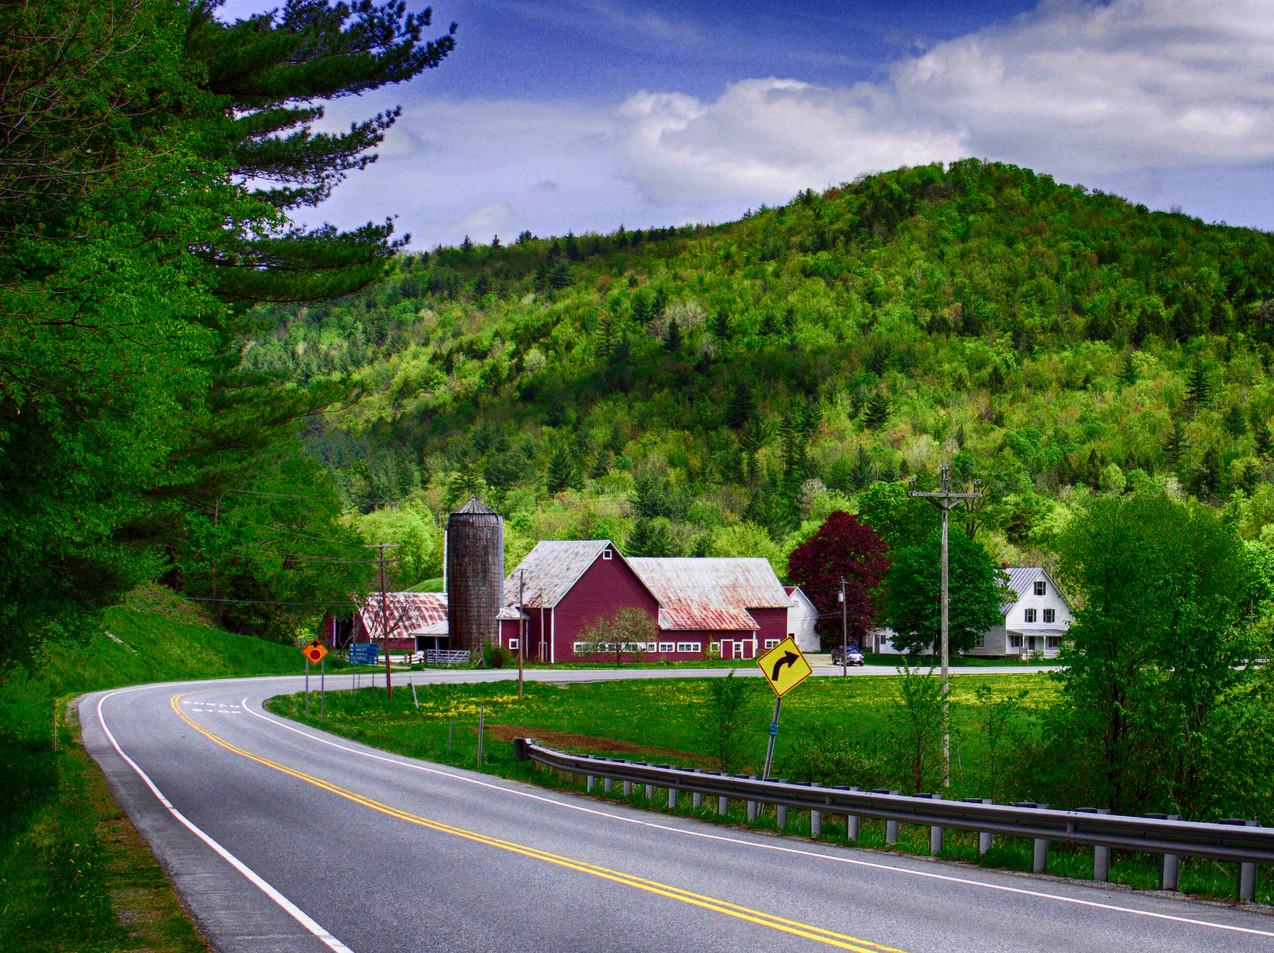 That Farm Down The Road